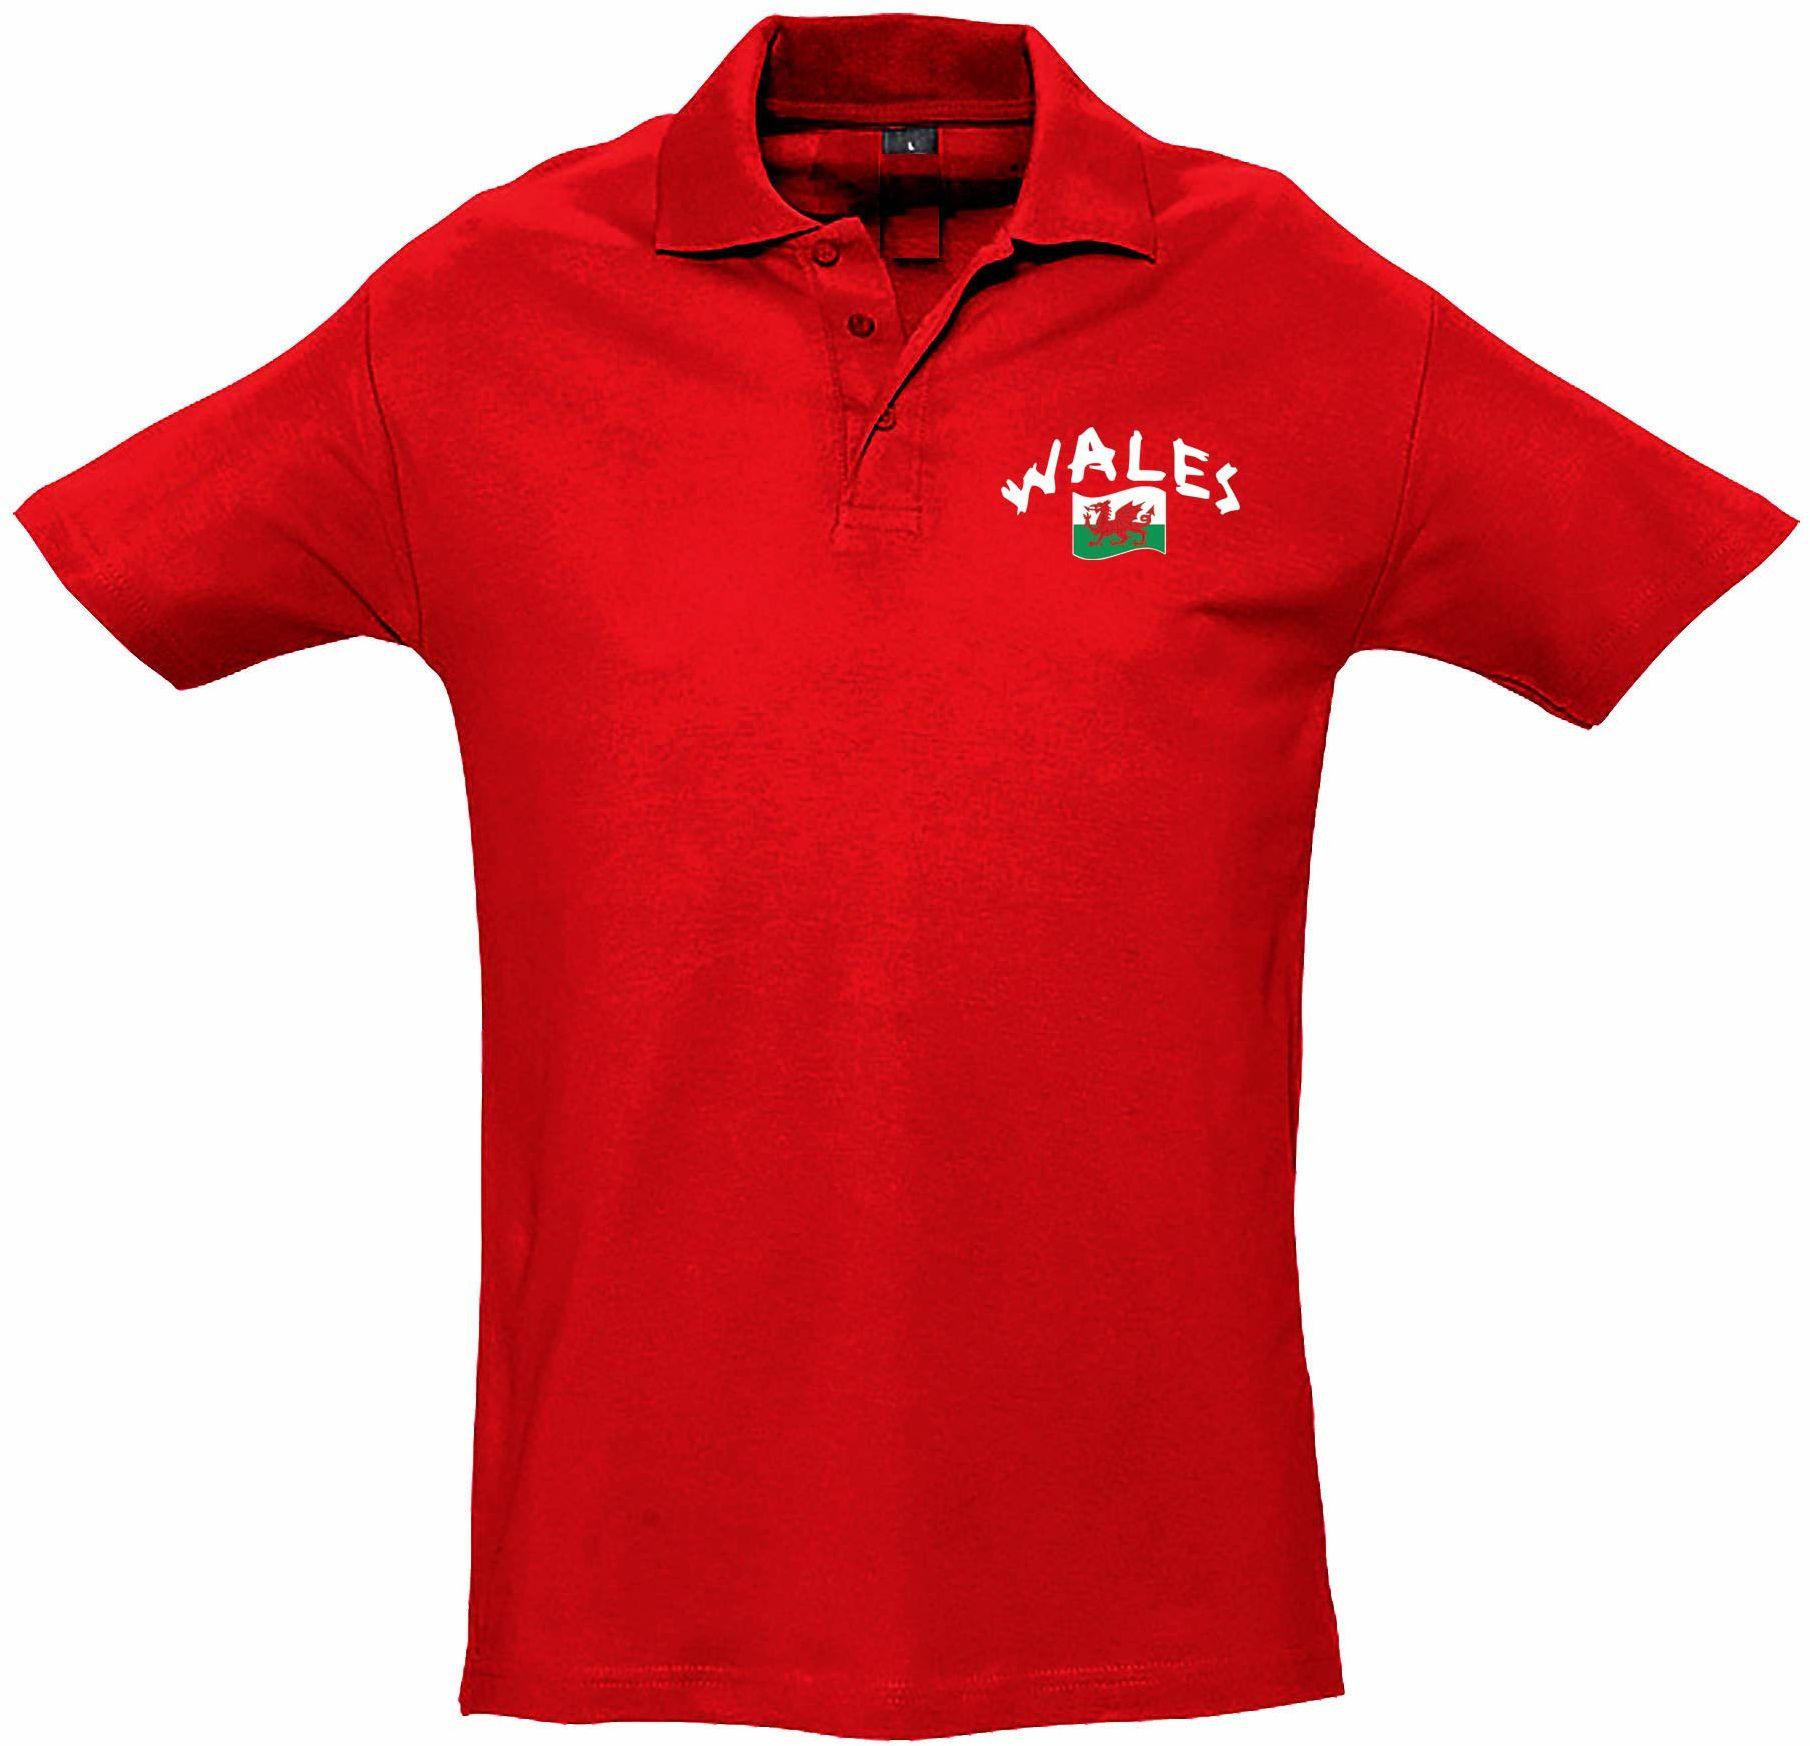 Supportershop Dziecięca koszulka polo Rugby Wales XL czerwona